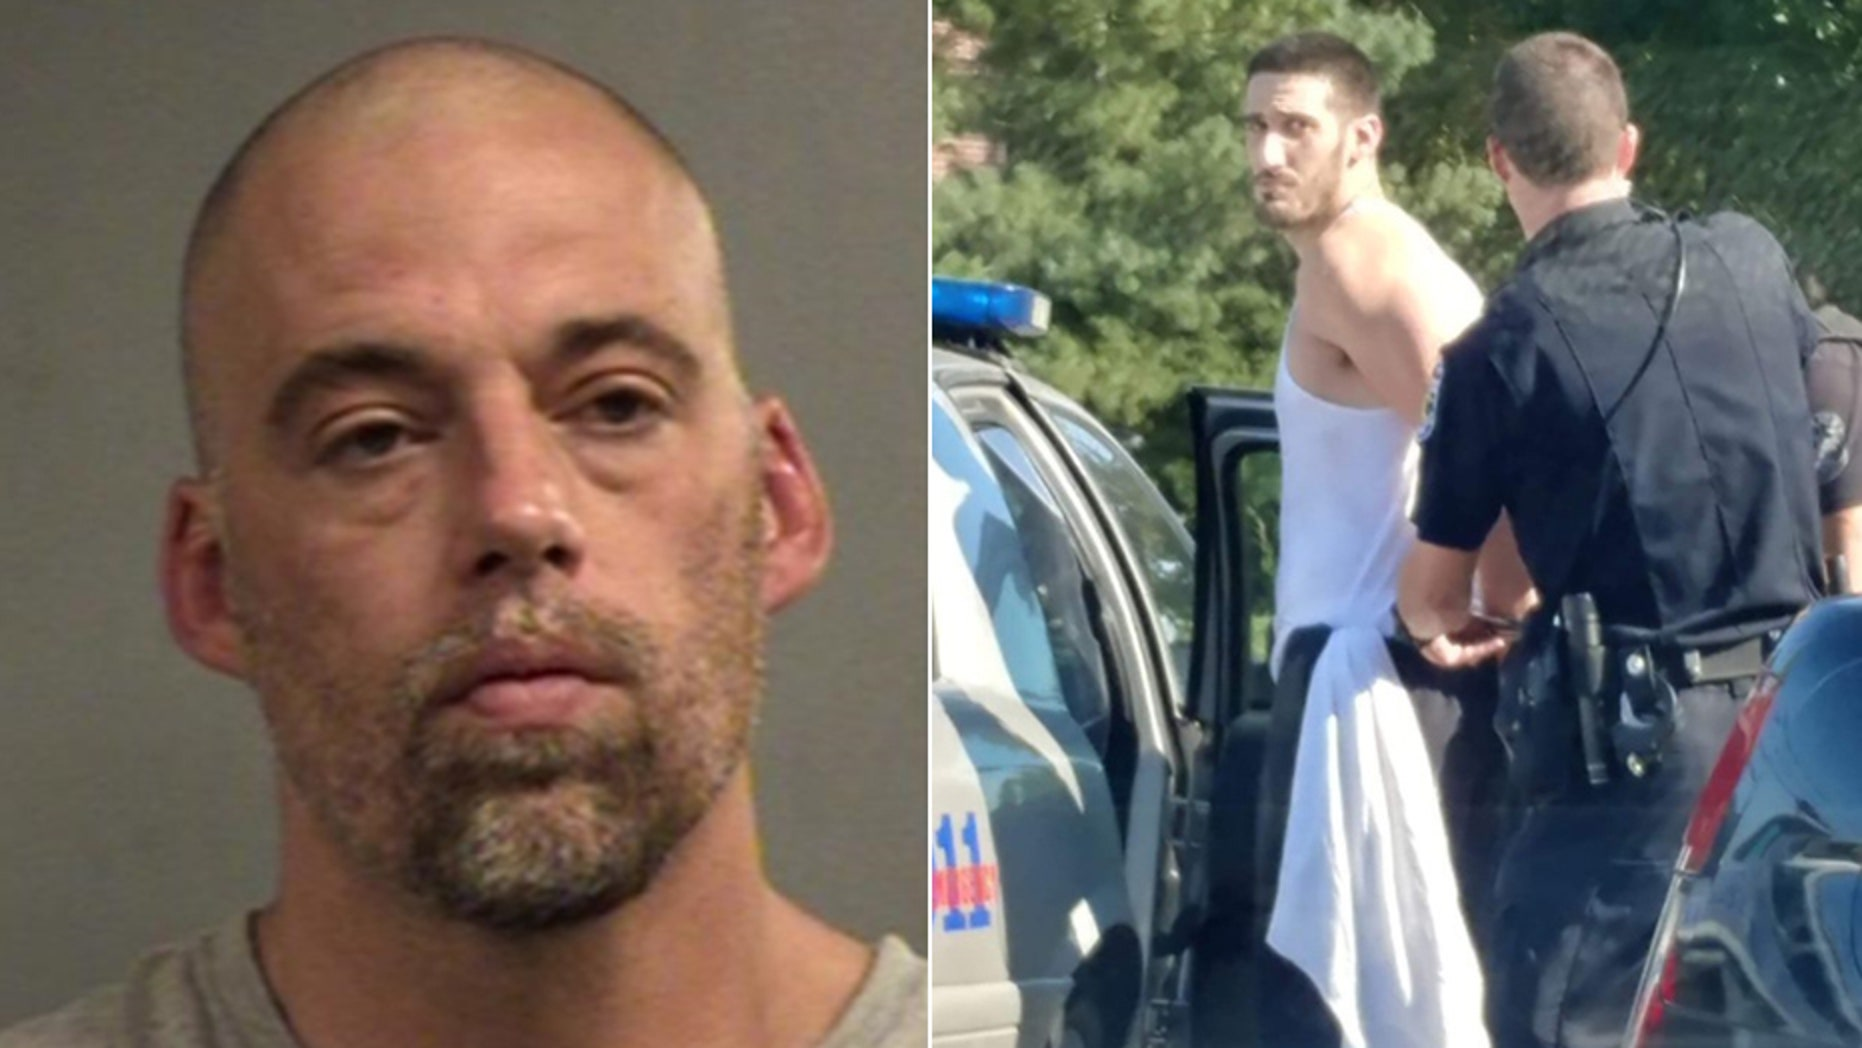 Jeremy Hunt, left, is still at large Monday after Louisville police captured Justin Stumler.